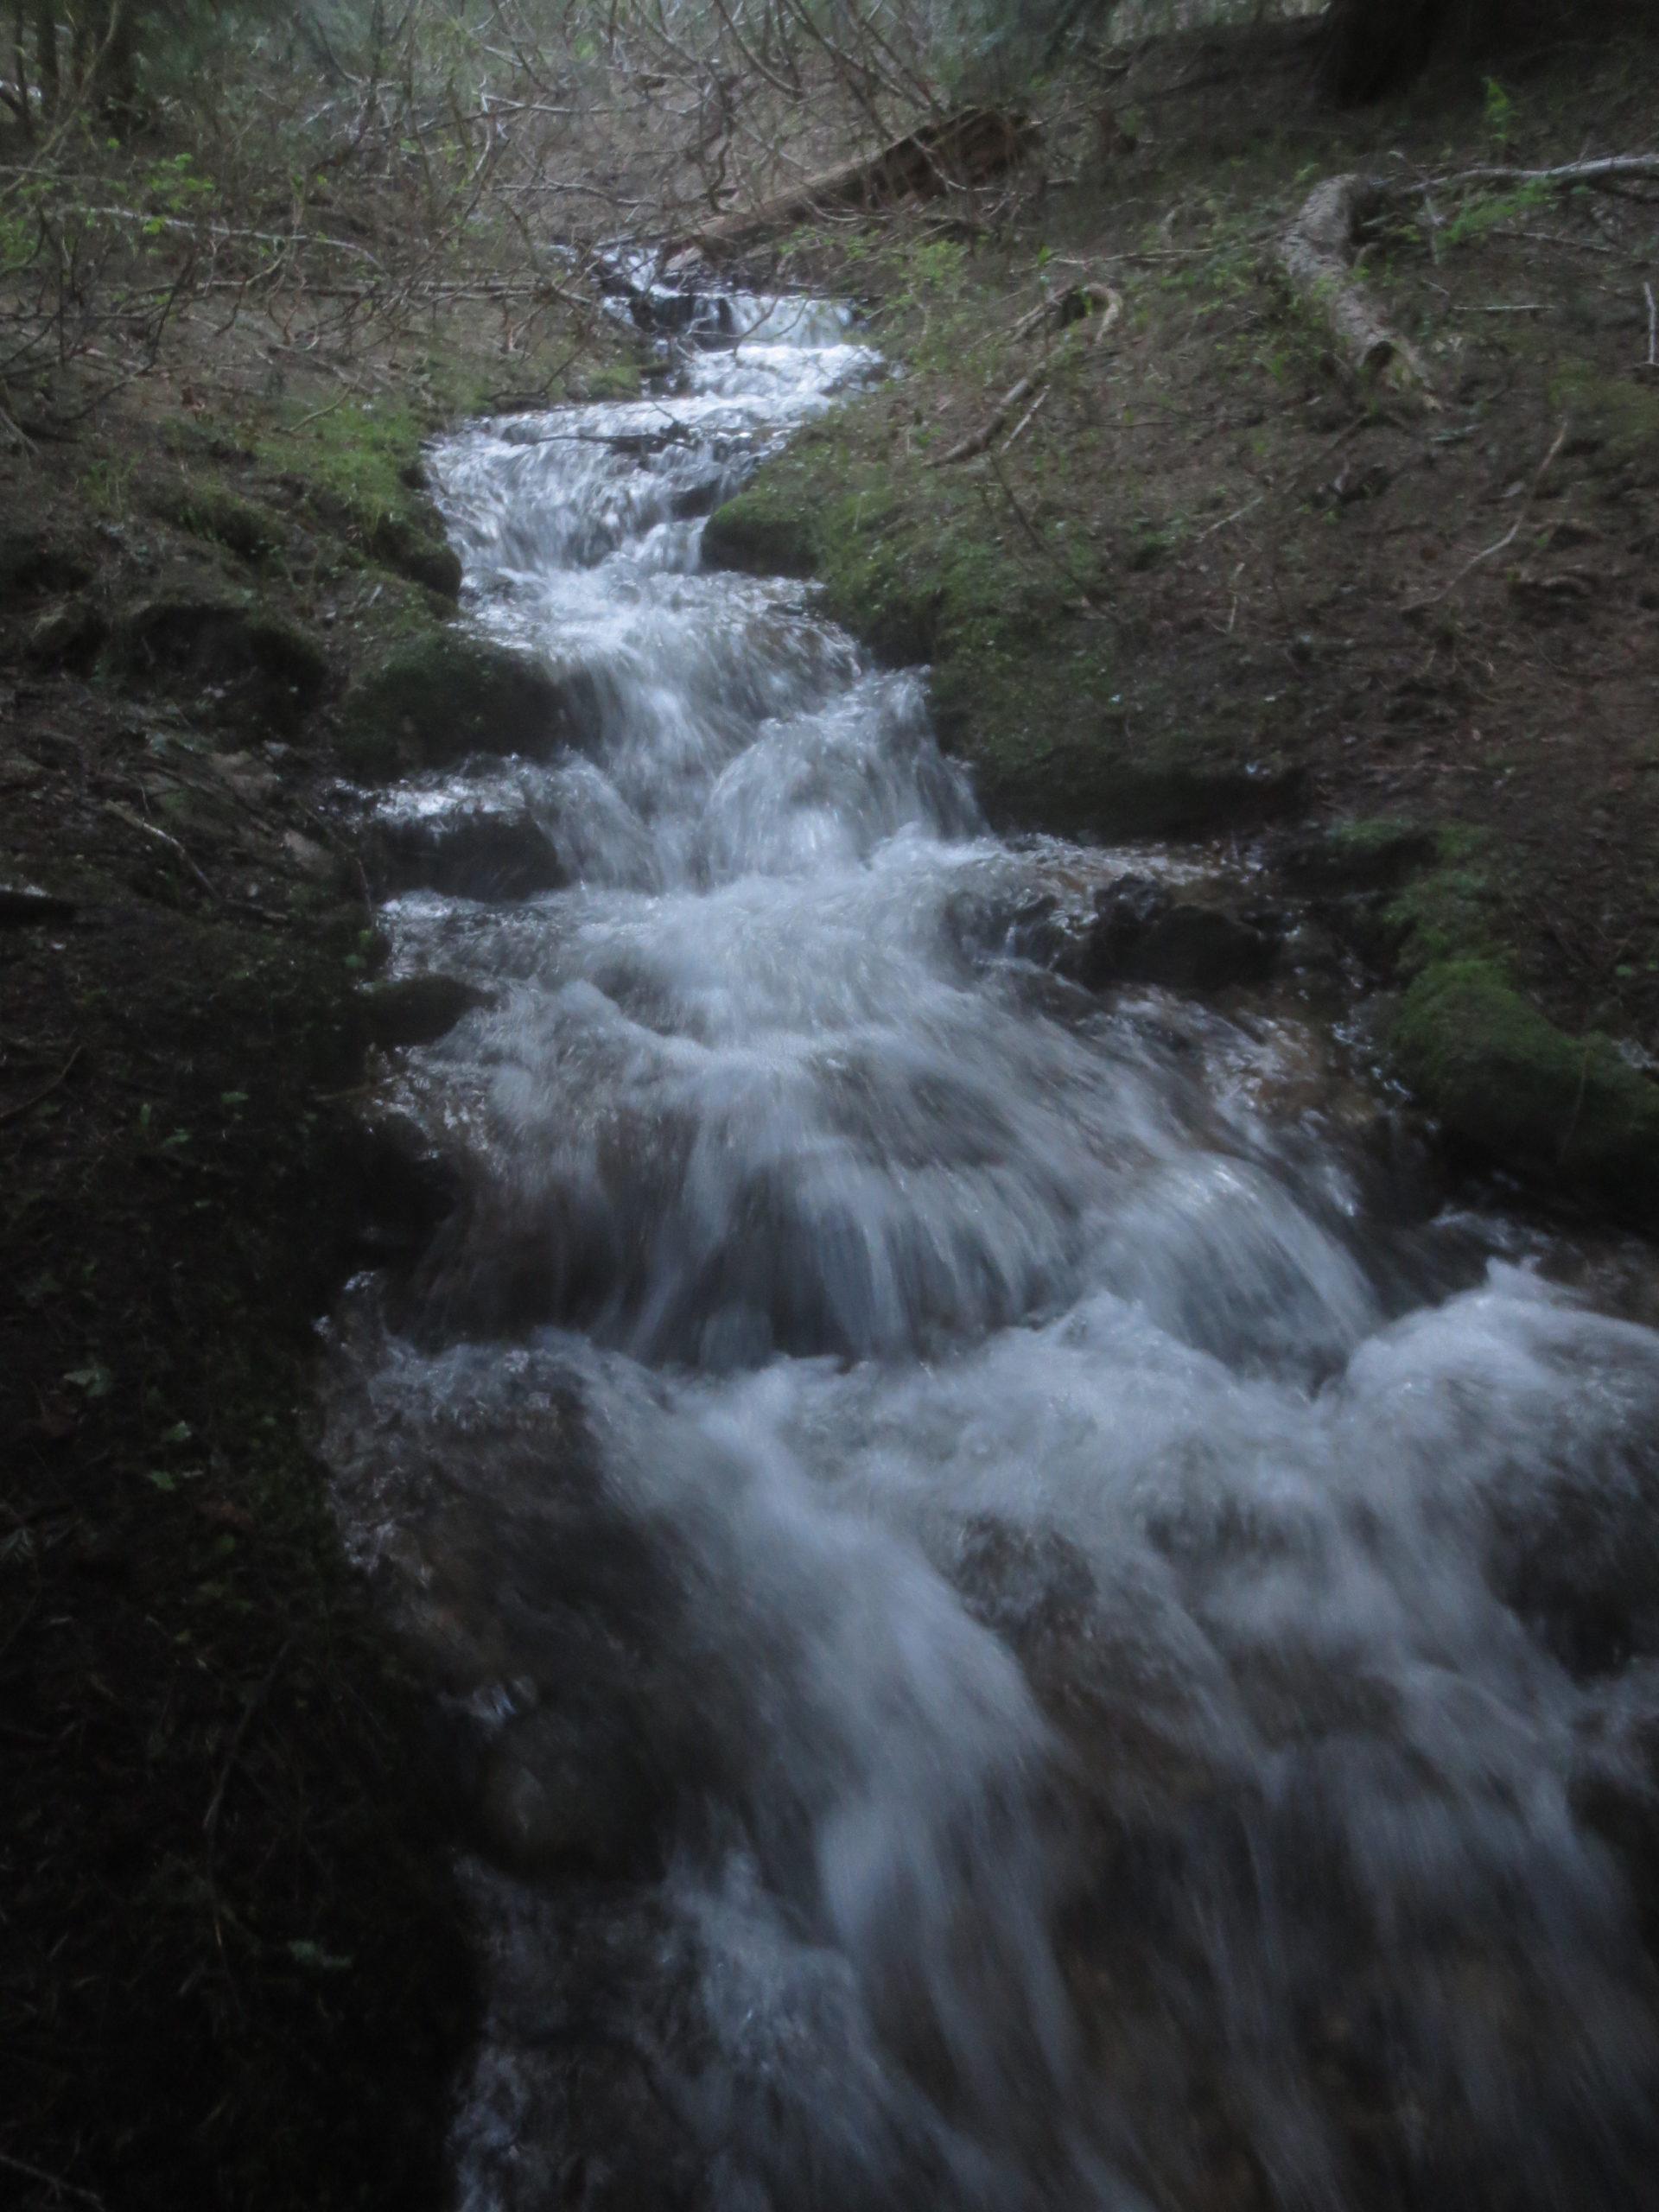 mountain stream swollen with snowmelt